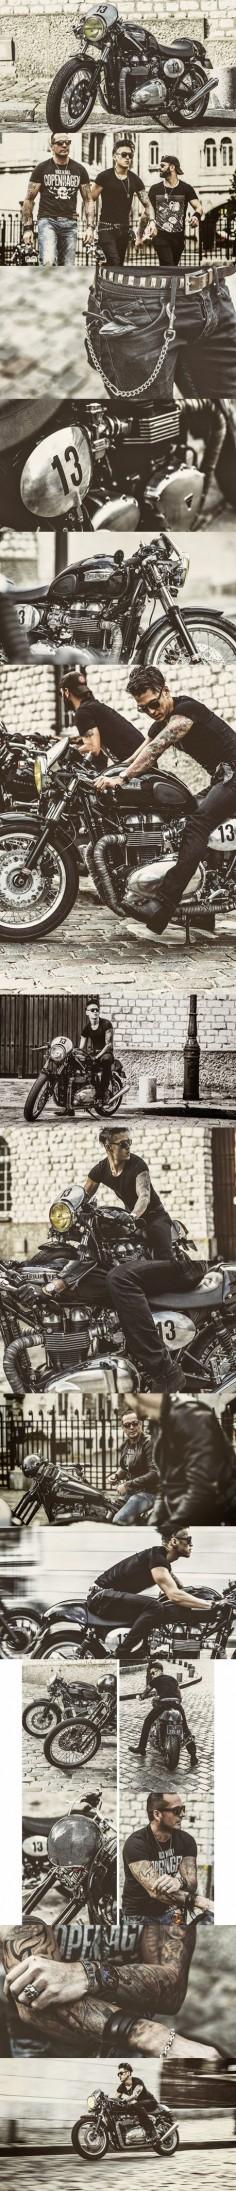 #caferacer #motorcycles #motos |